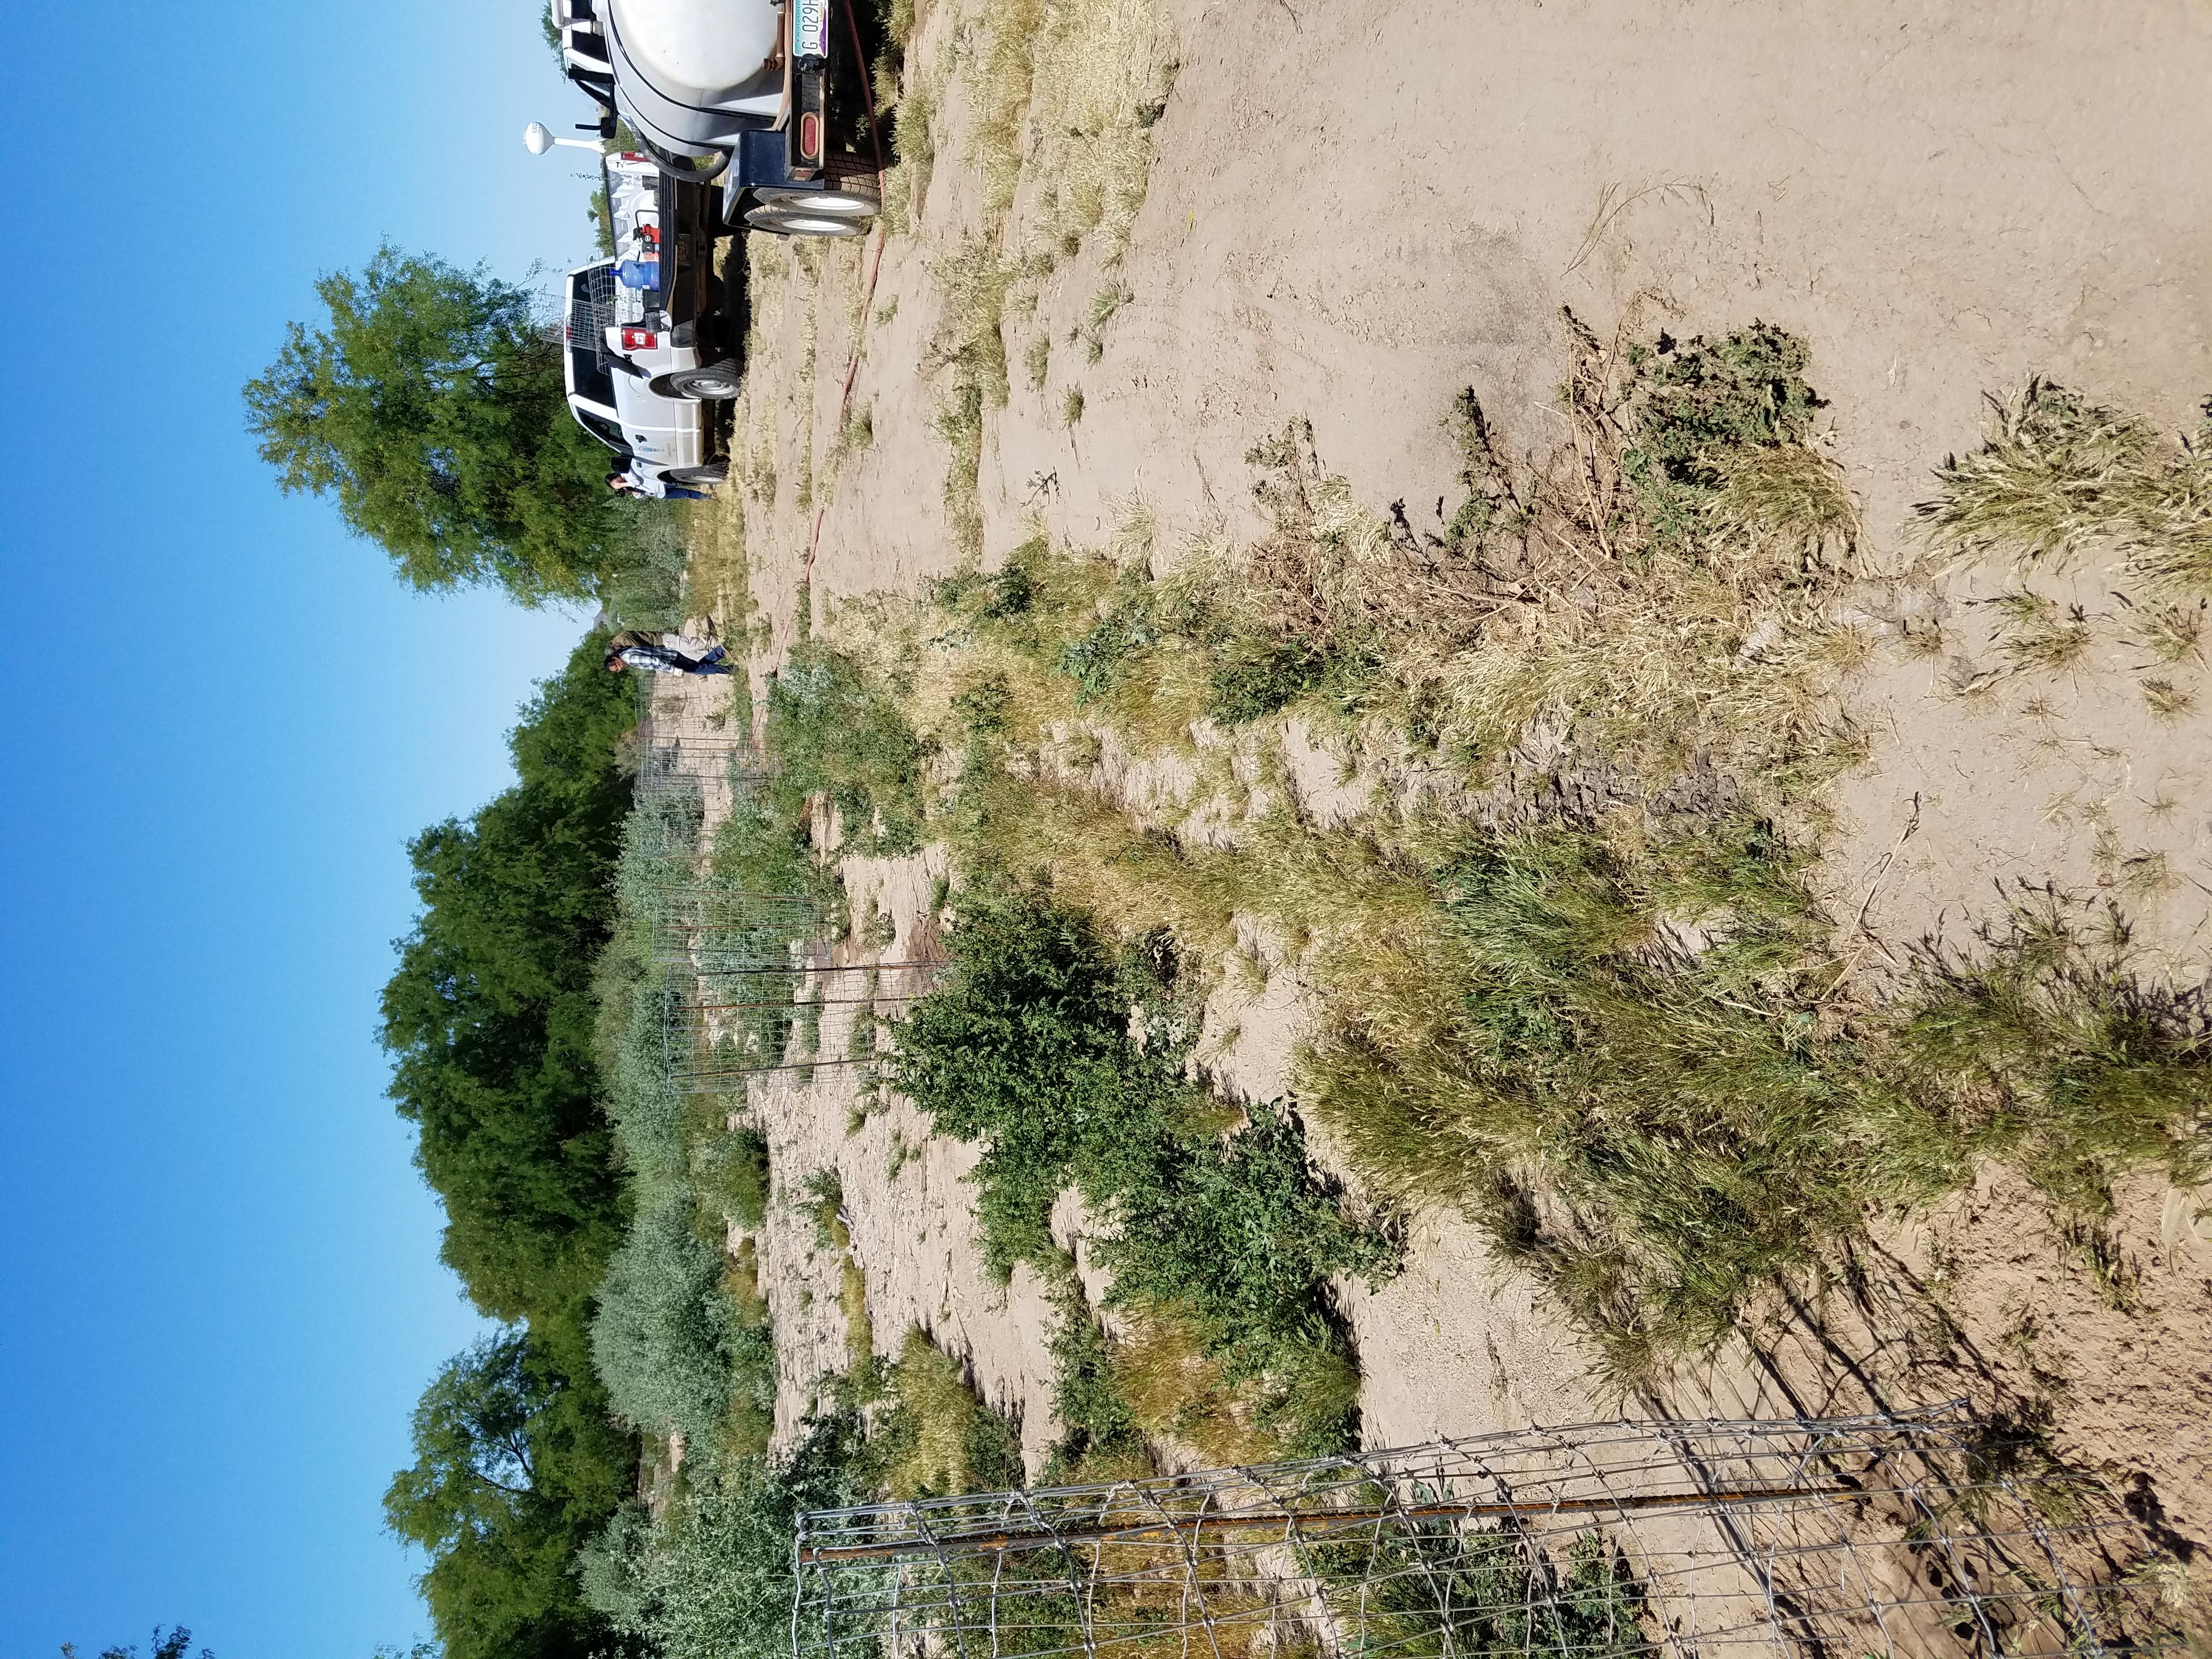 Un equipo de la Oficina de Protección Ambiental de Cocopah riega el sitio de restauración con un telón de fondo de bosque ribereño de álamos y sauces saludables. Foto: Sociedad Audubon de Yuma